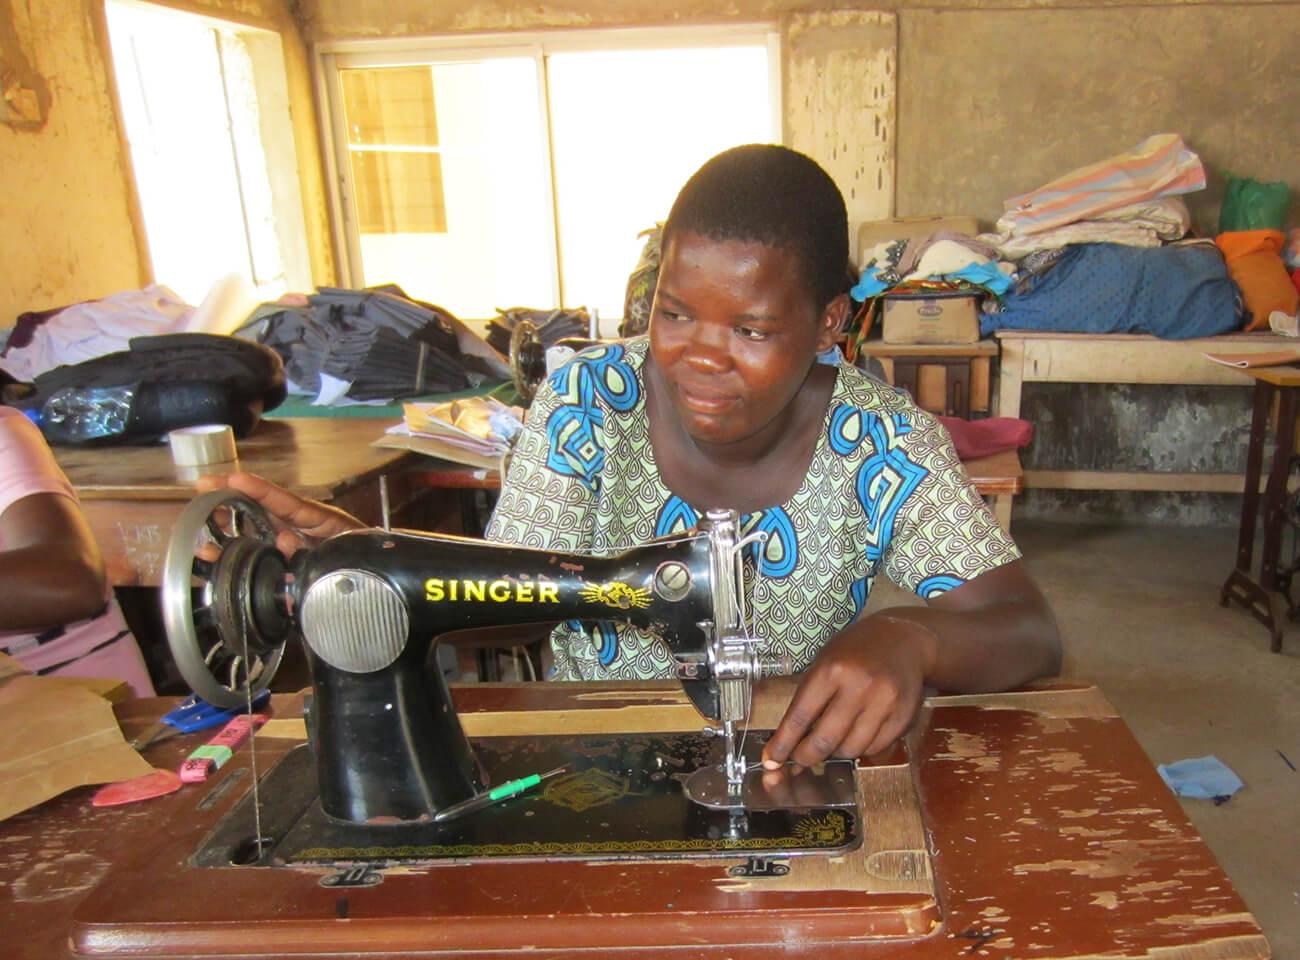 Dama Kahindi on a sewing machine